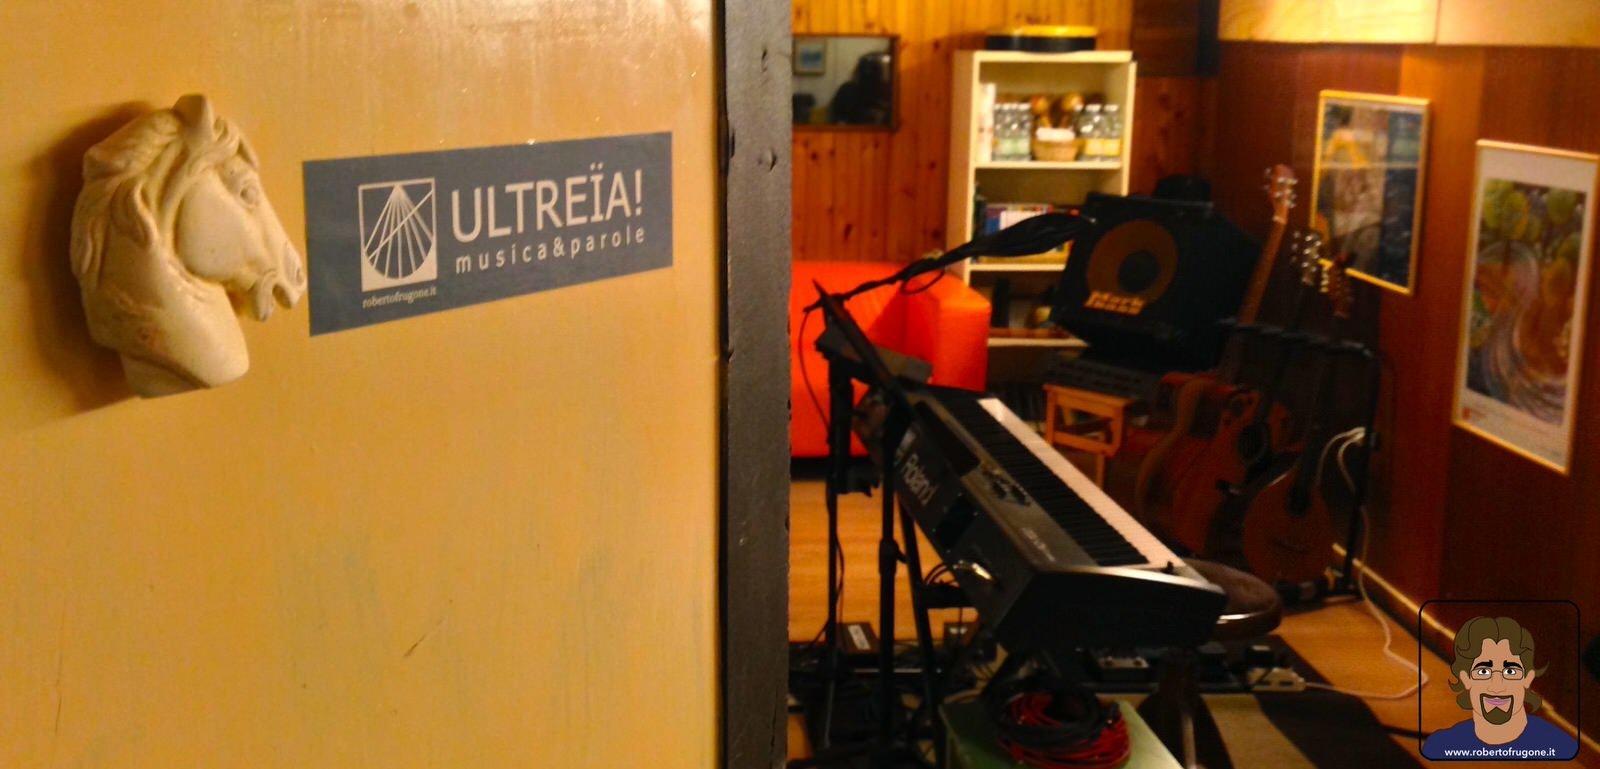 Totem Studio Sala Prove Musicali Casarza Ligure ingresso